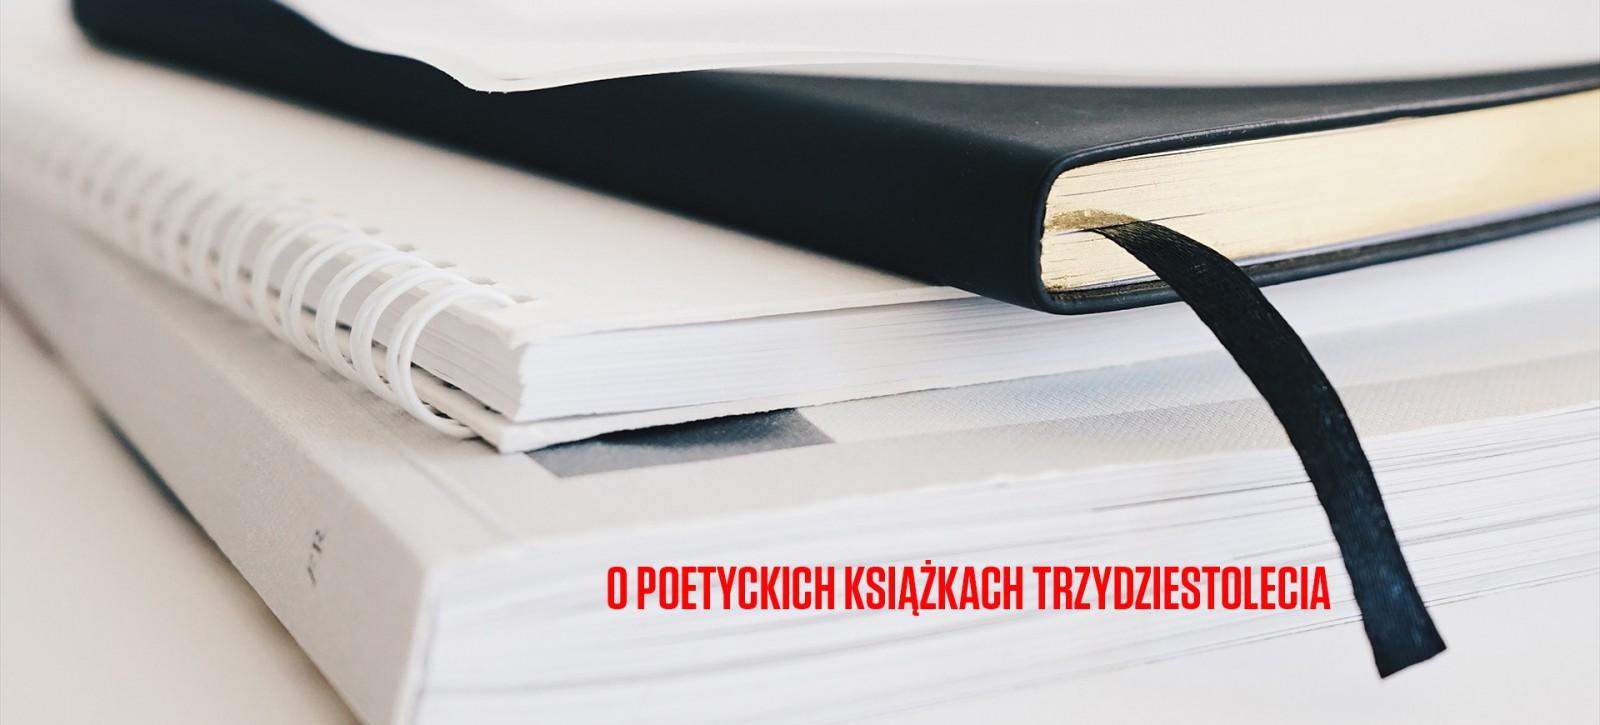 15_DEBATY__Abc__O poetyckich książkach trzydziestolecia_3